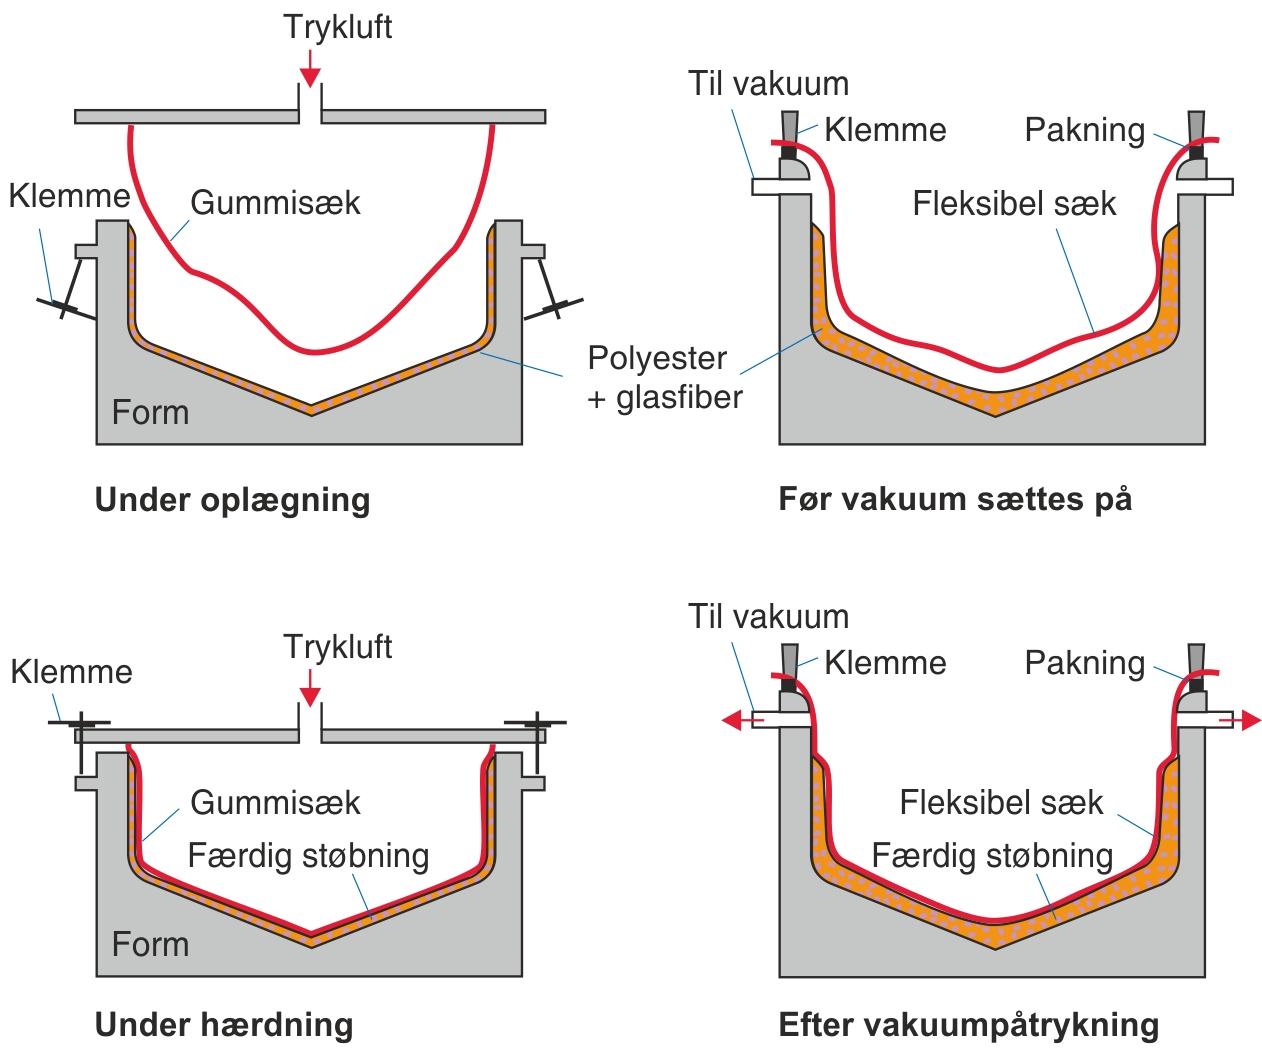 Vakuum- og tryksækmetoderne